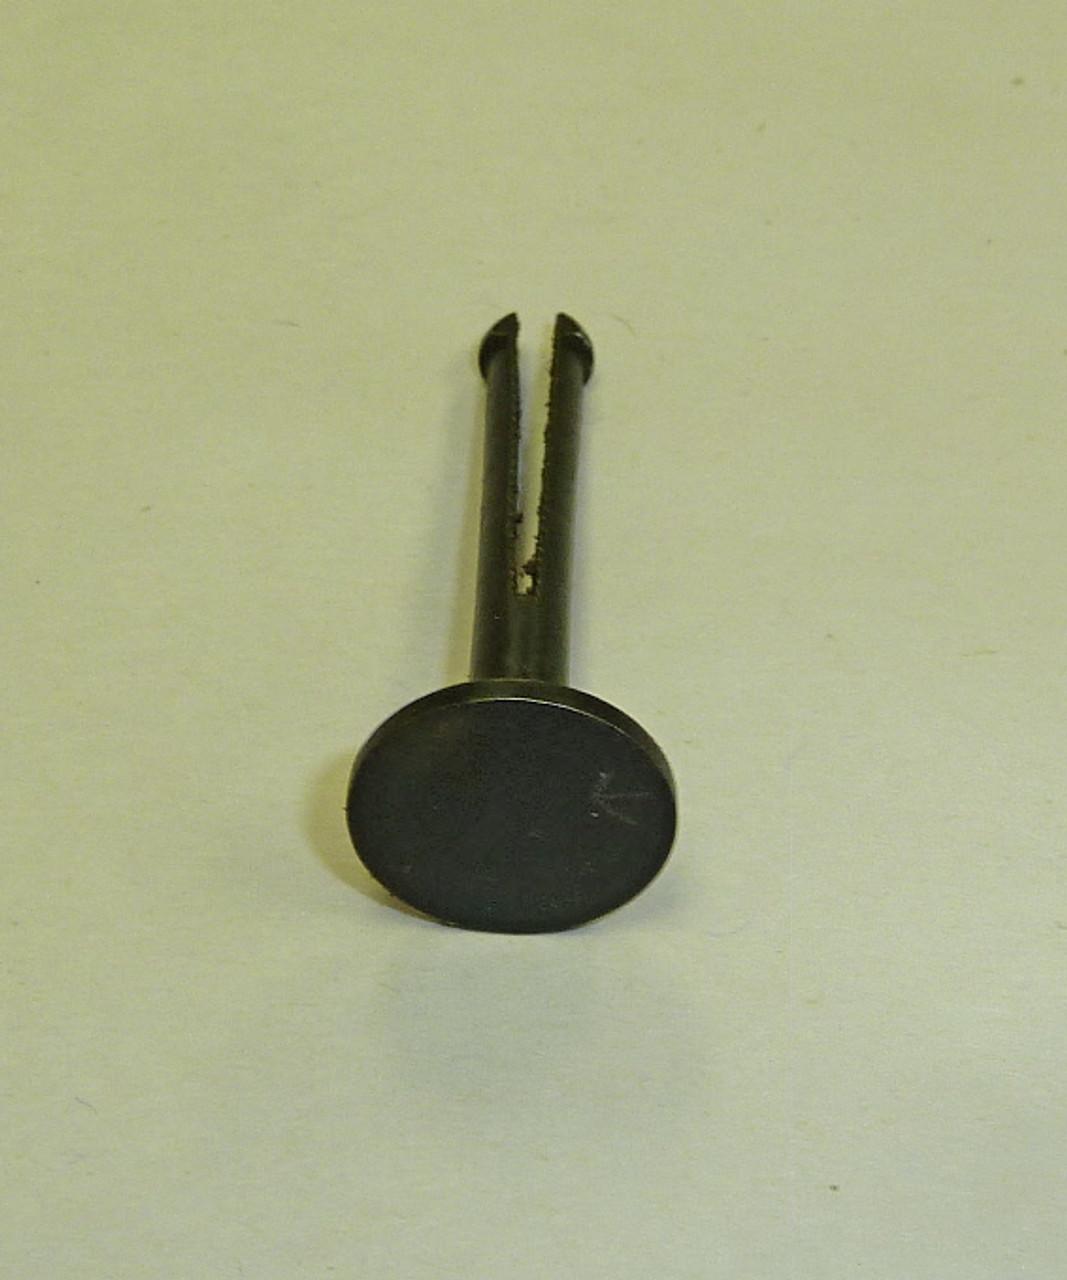 14: PIN, split, lever